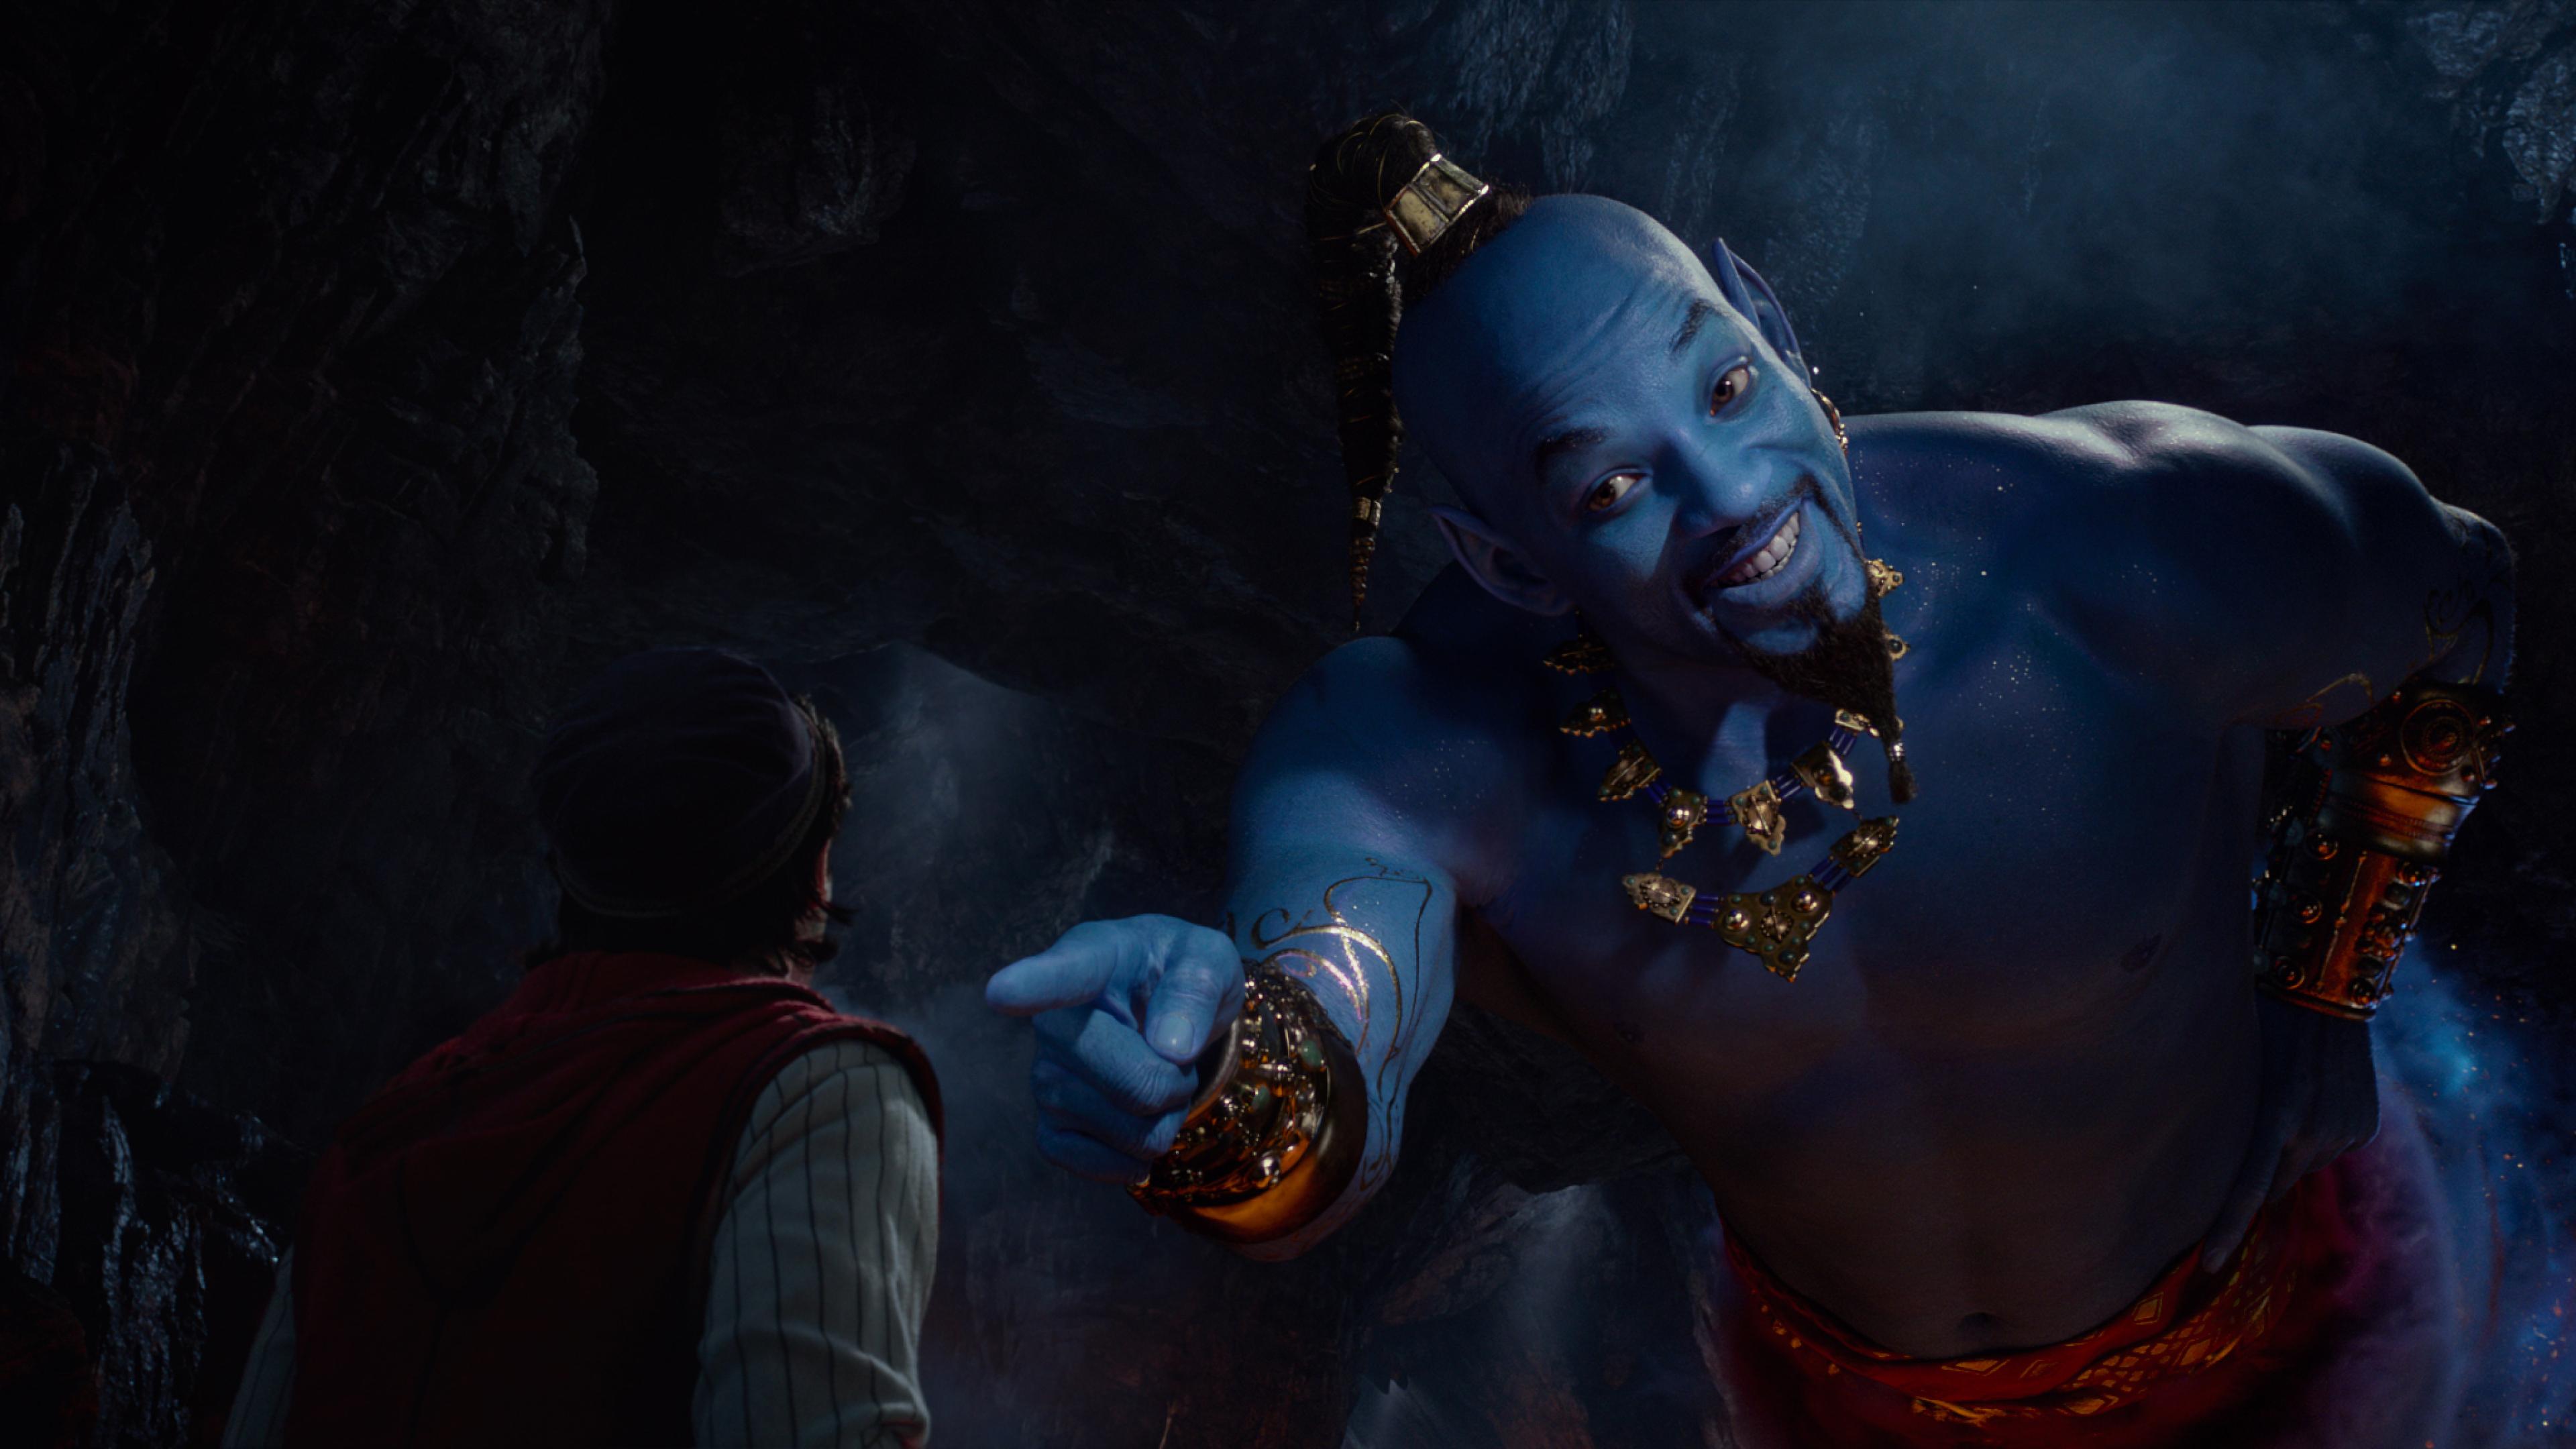 3840x2160 Will Smith As Genie In Aladdin Movie 2019 4k